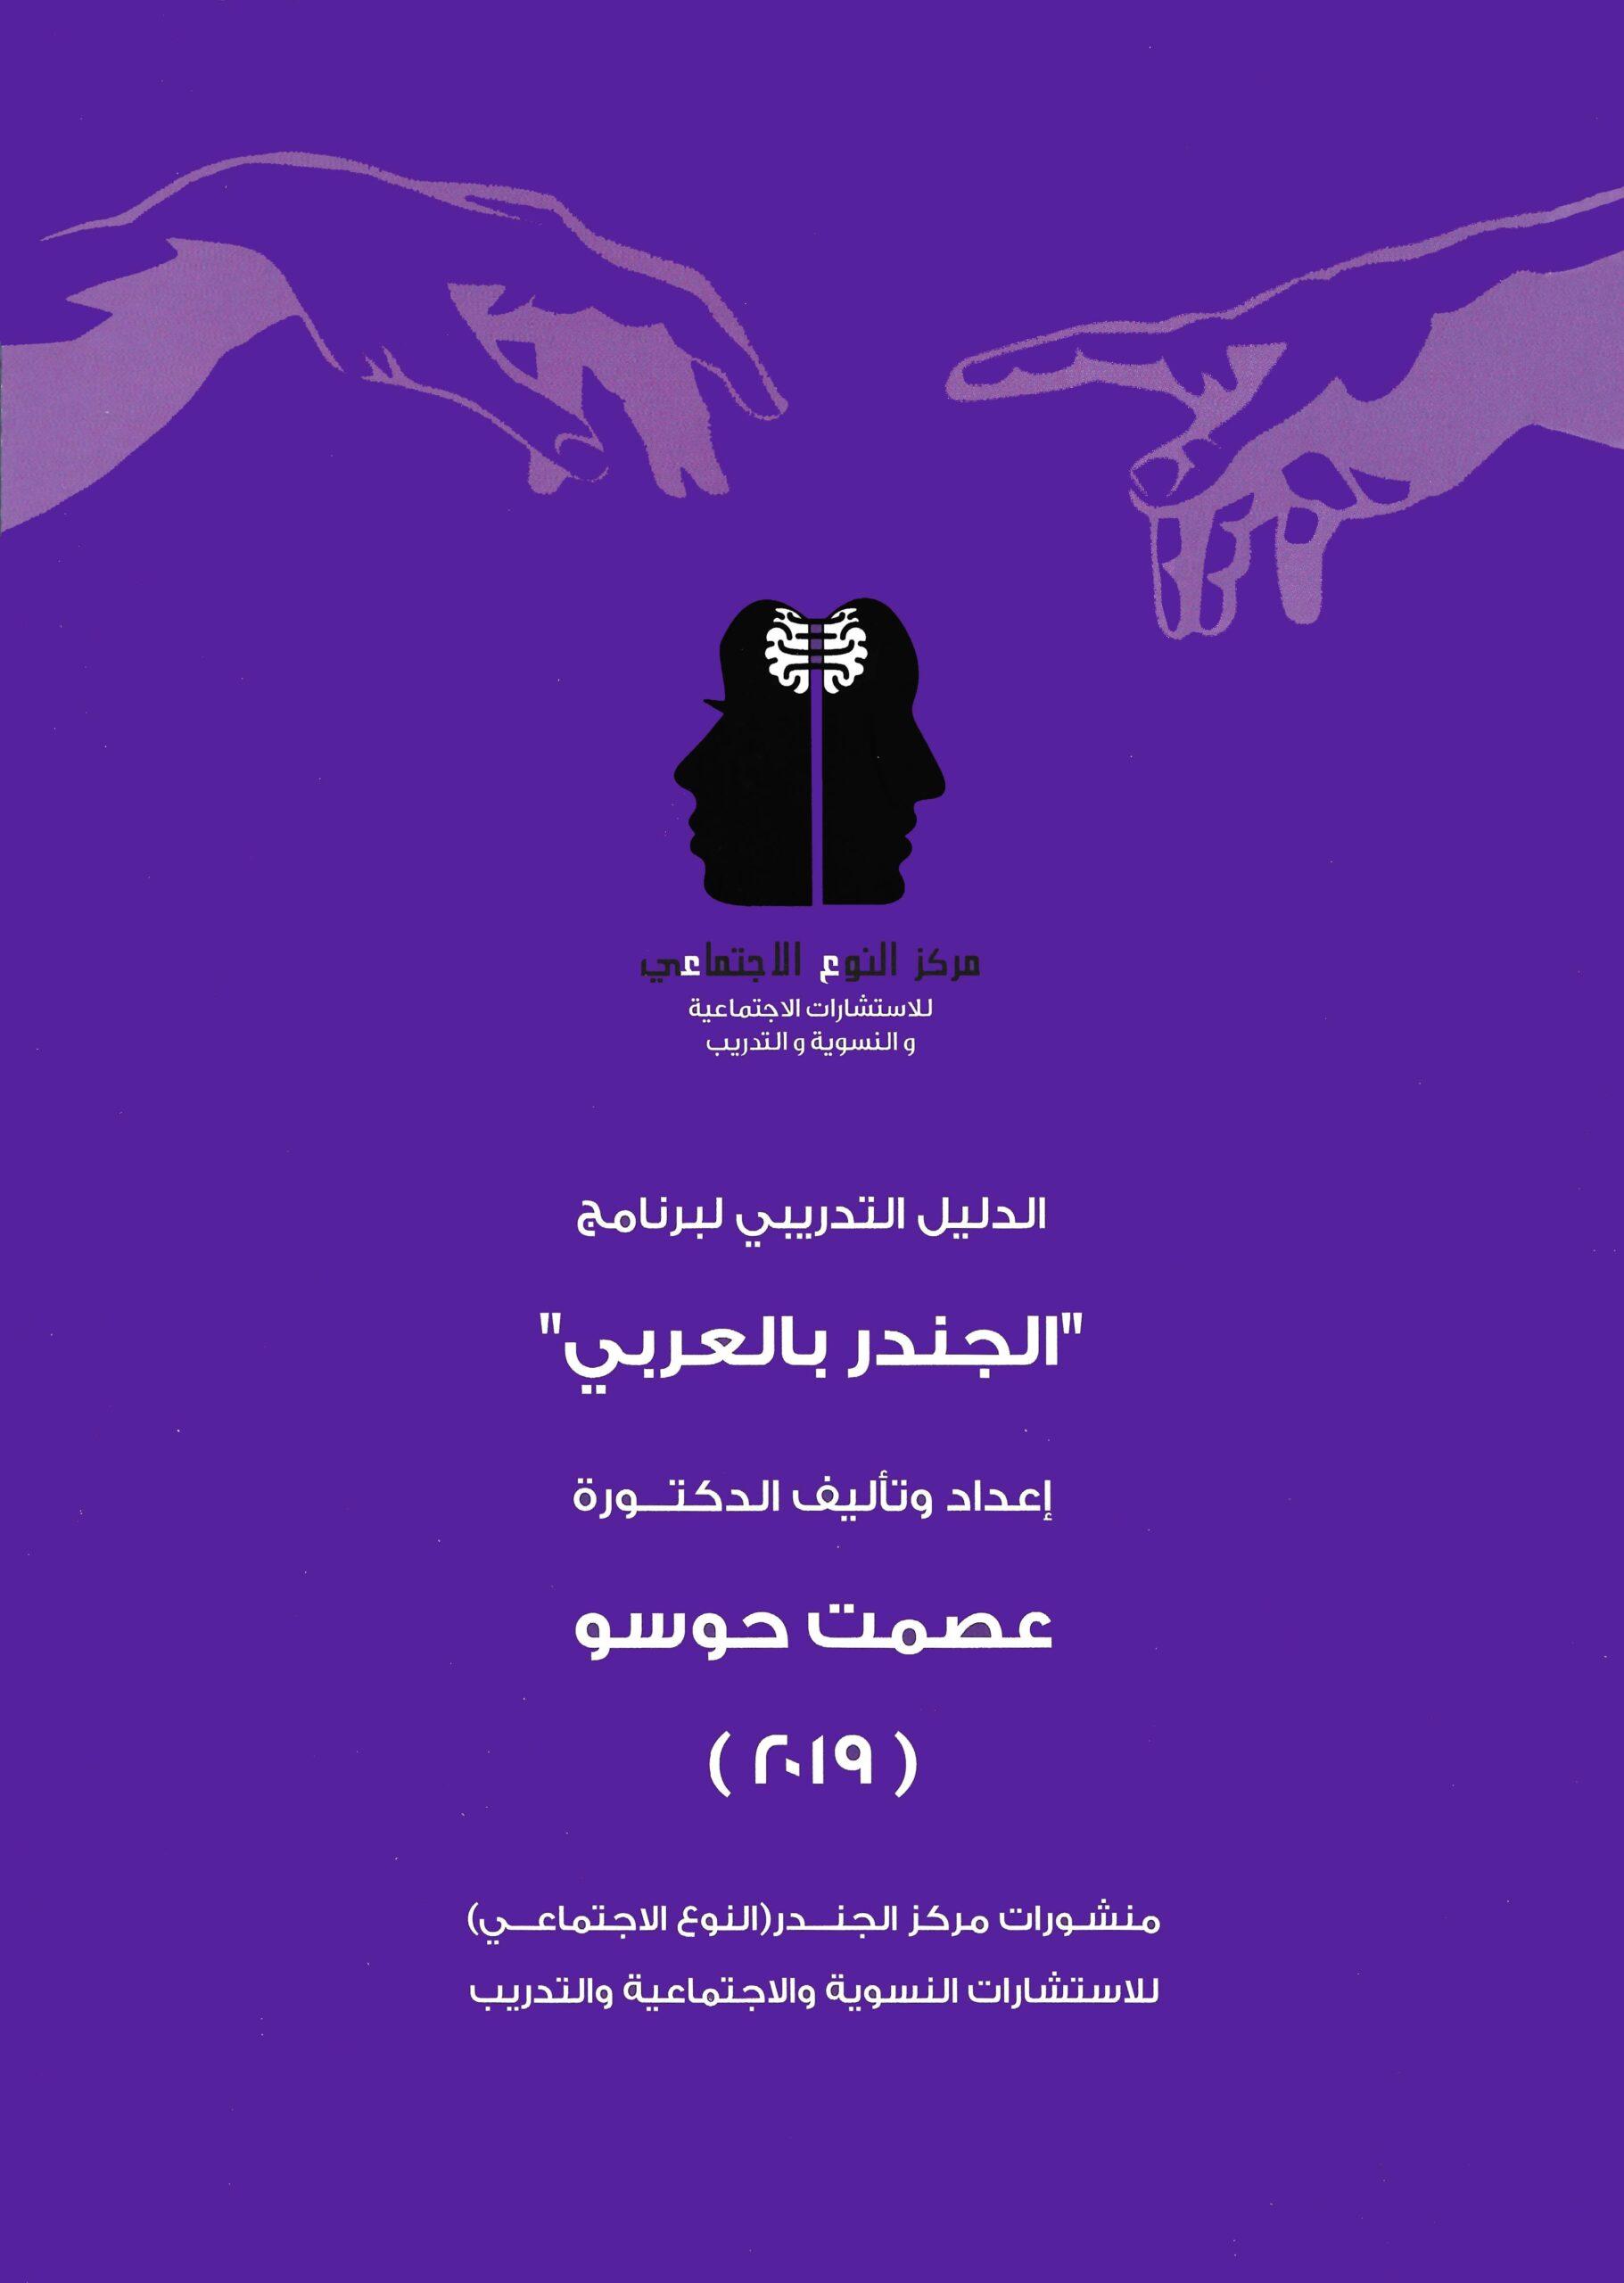 كتاب الدليل التدريبي لبرنامج الجندر بالعربي